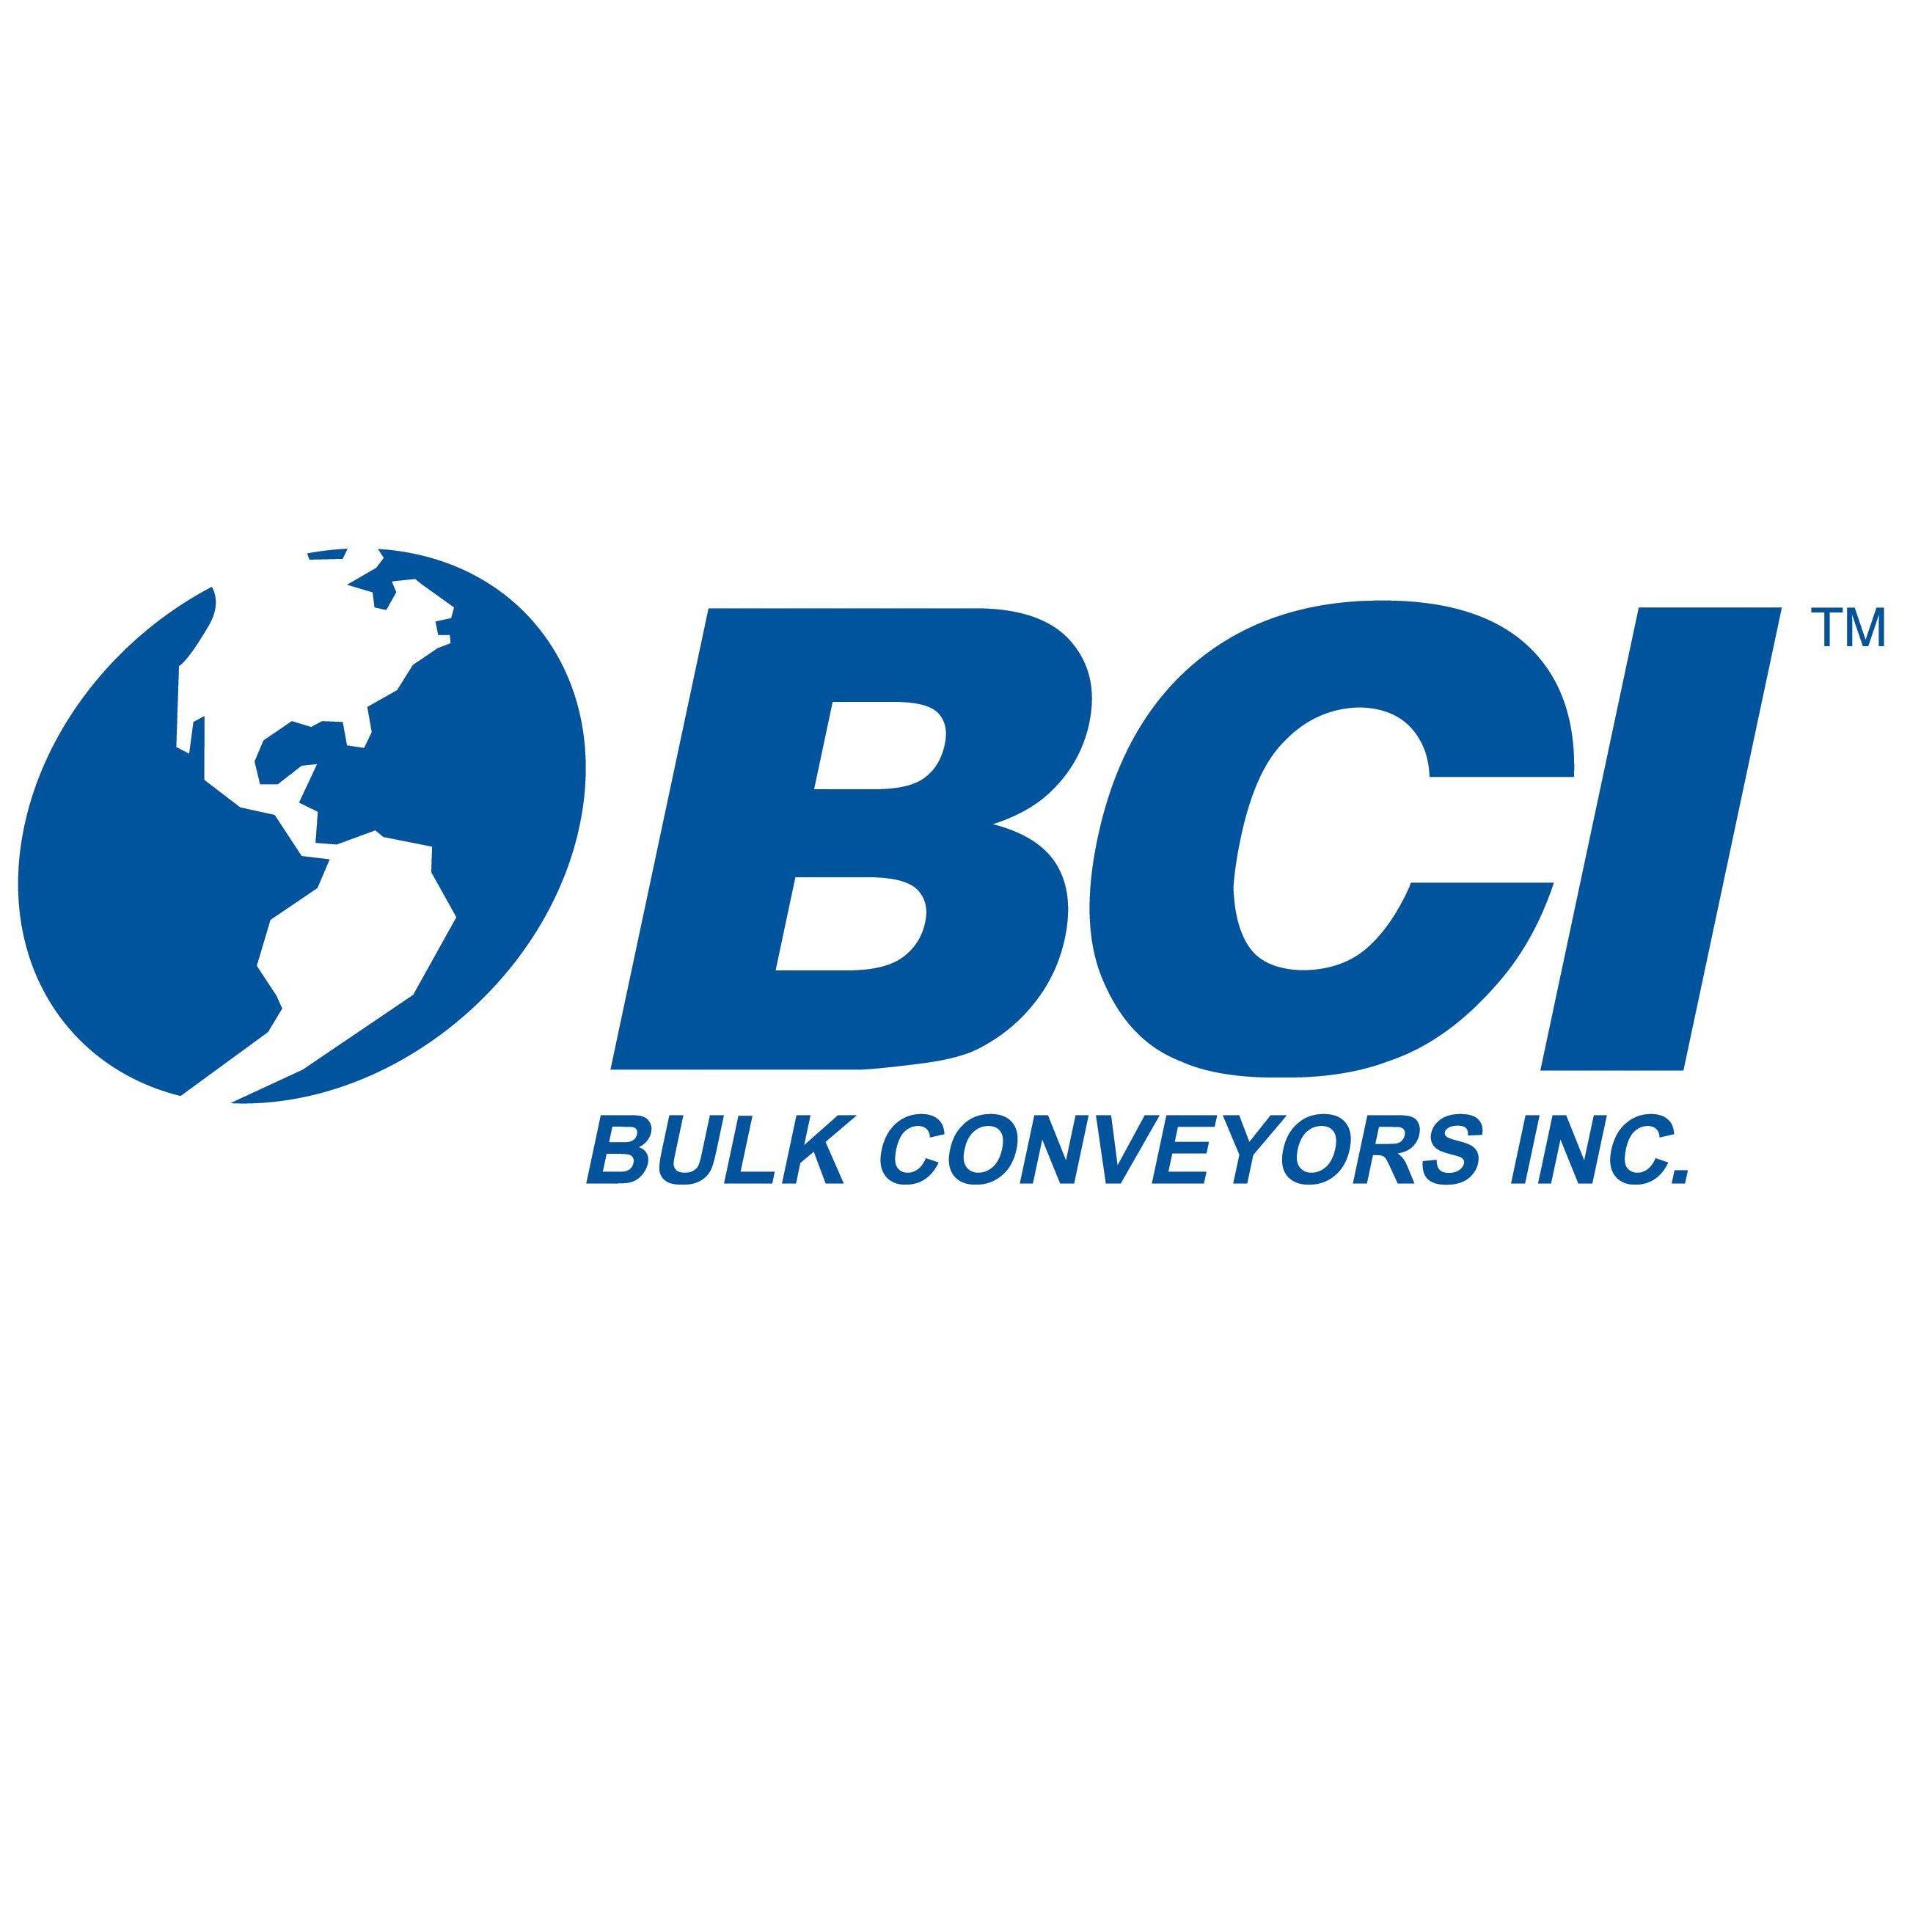 Bulk Conveyors, Inc.